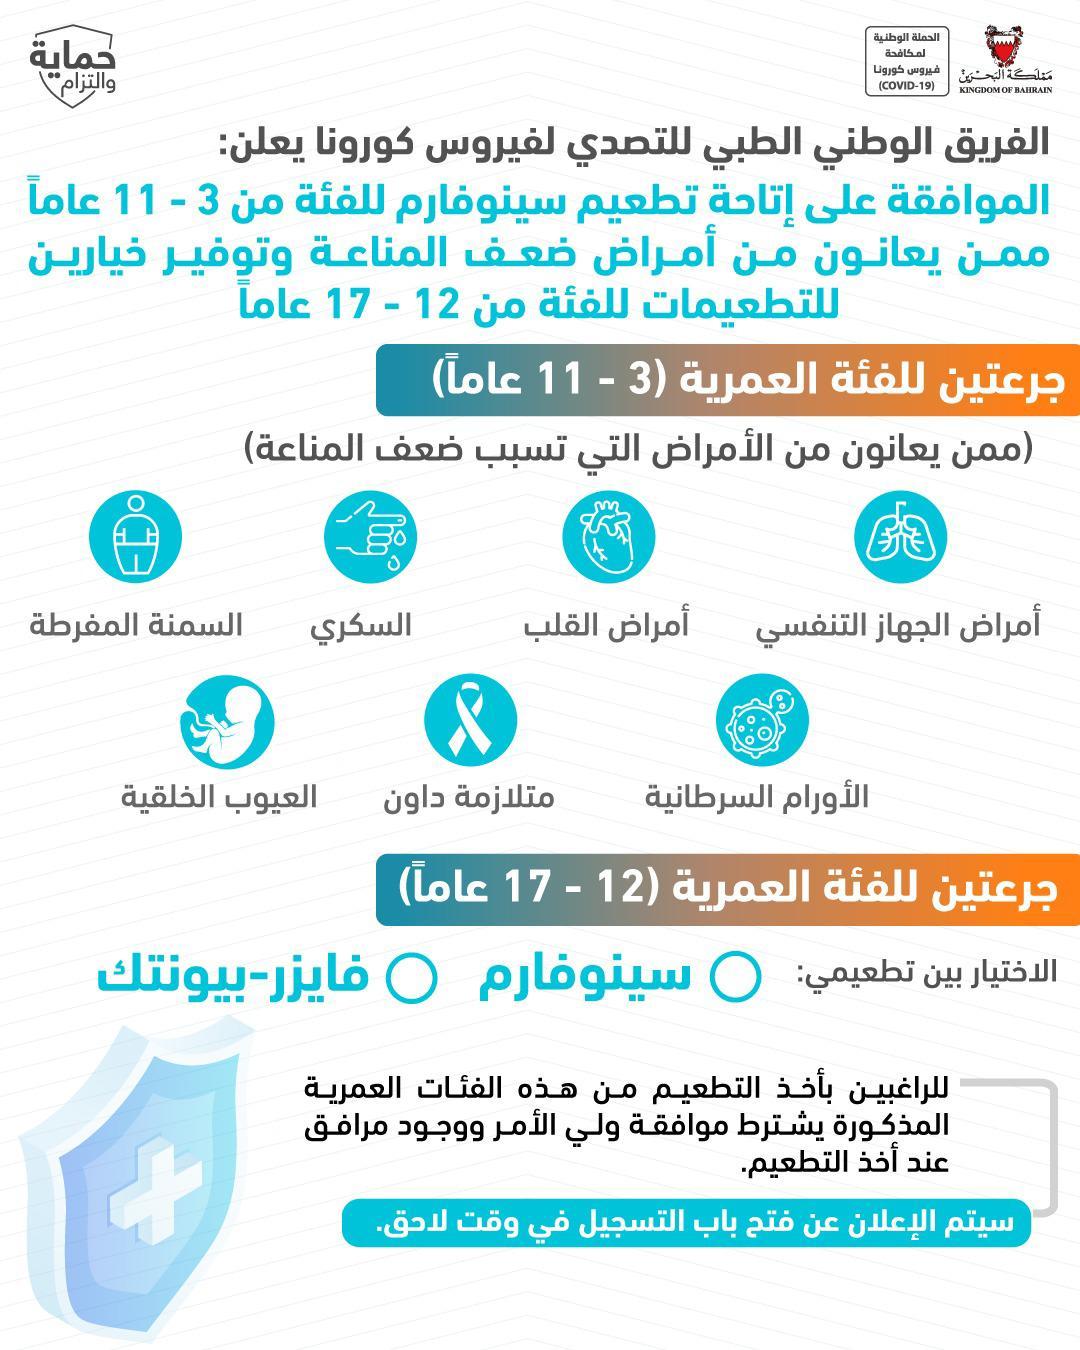 الموافقة على اتاحة تطعيم سينوفارم للفئة العمرية من 3-11 عاما ممن يعانون من أمراض ضعف المناعة وادراجه كخيار اضافي لتطعيم الفئة العمرية من 12-17 عاما